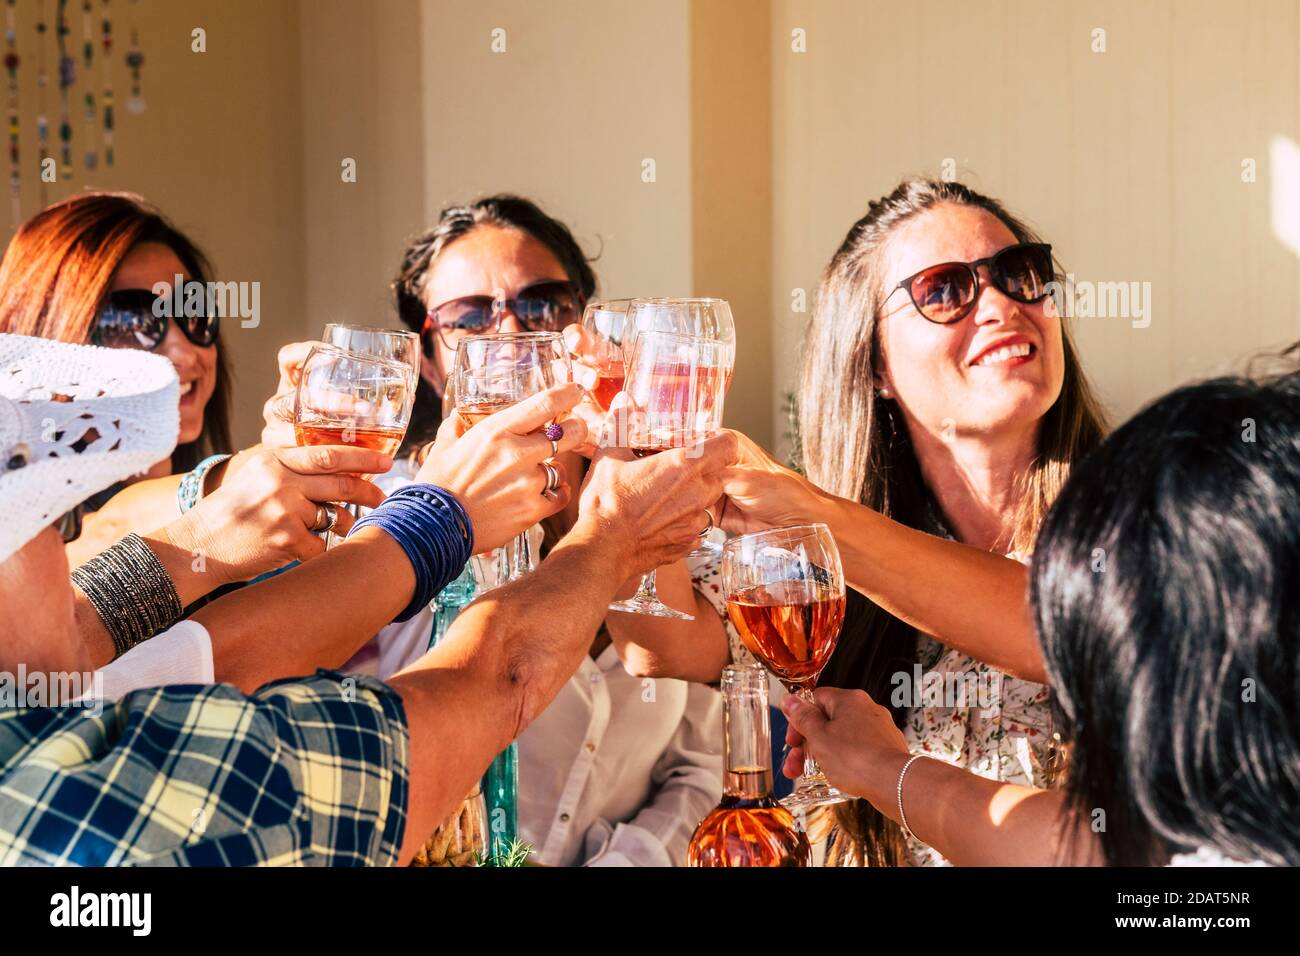 Groupe de jeunes femmes caucasiennes gaies appréciant et célébrant ensemble prendre des verres à vin rouge ensemble - les gens s'amusent célébration avec dri Banque D'Images